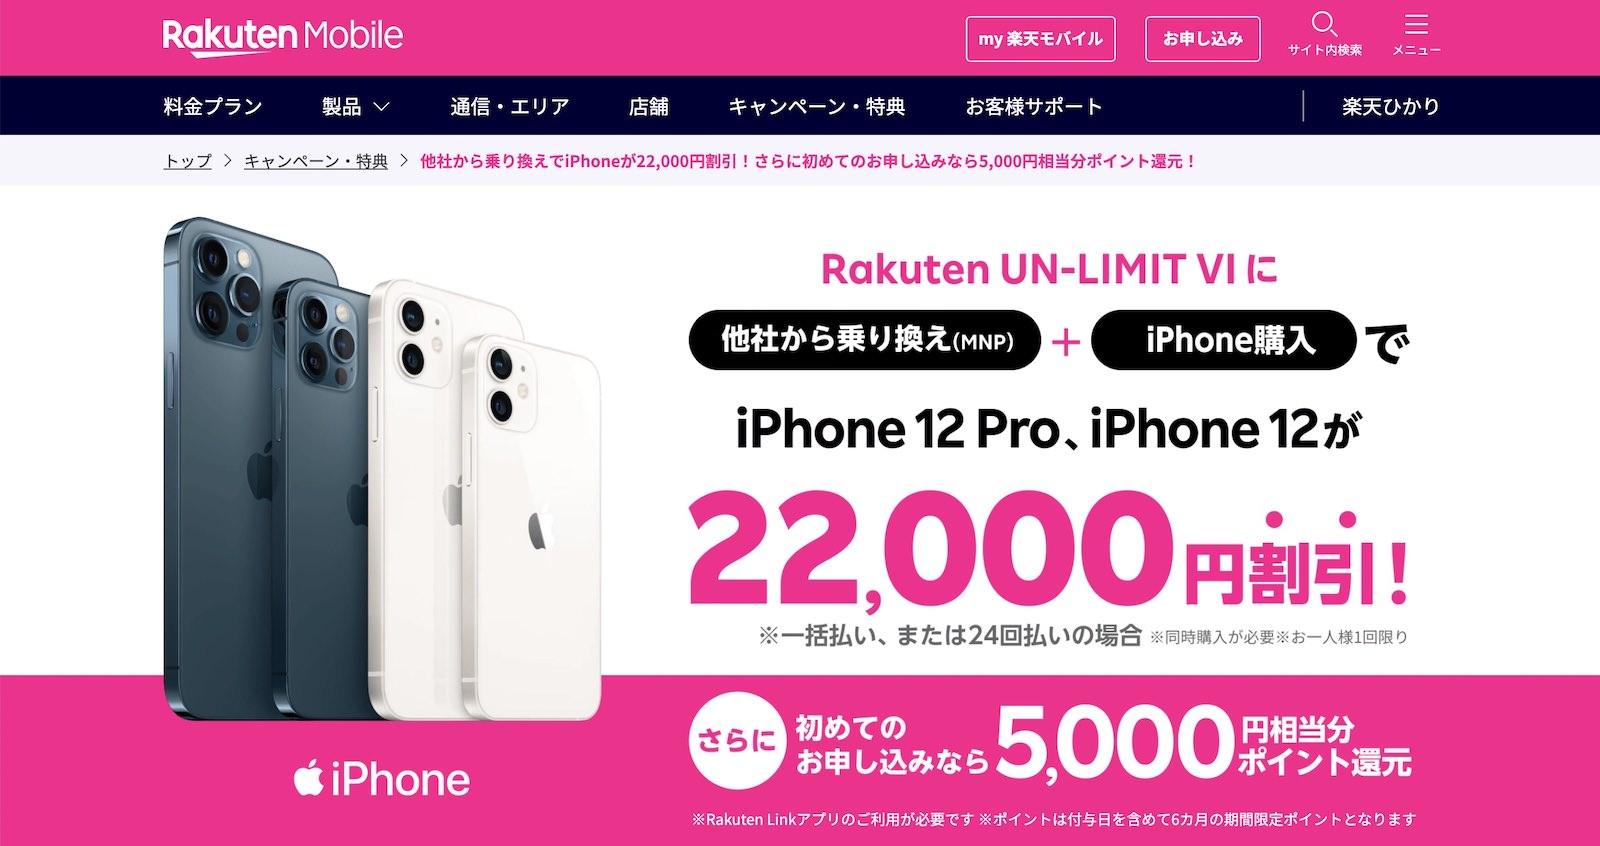 Rakuten mobile iphone campaign